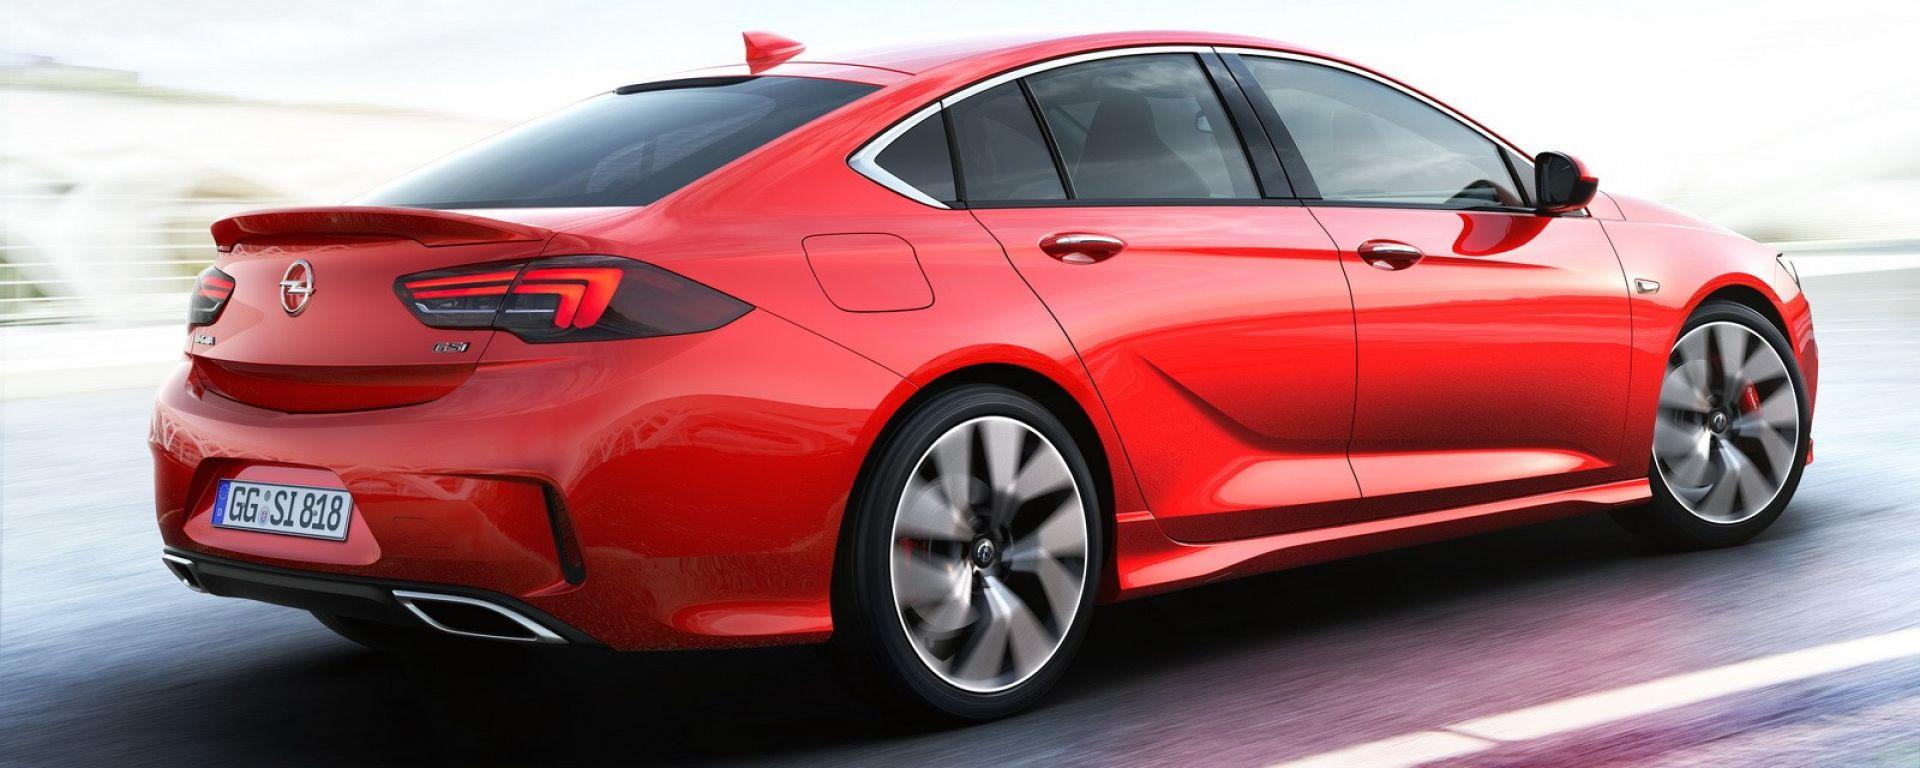 Opel: arrivano motori e piattaforme PSA